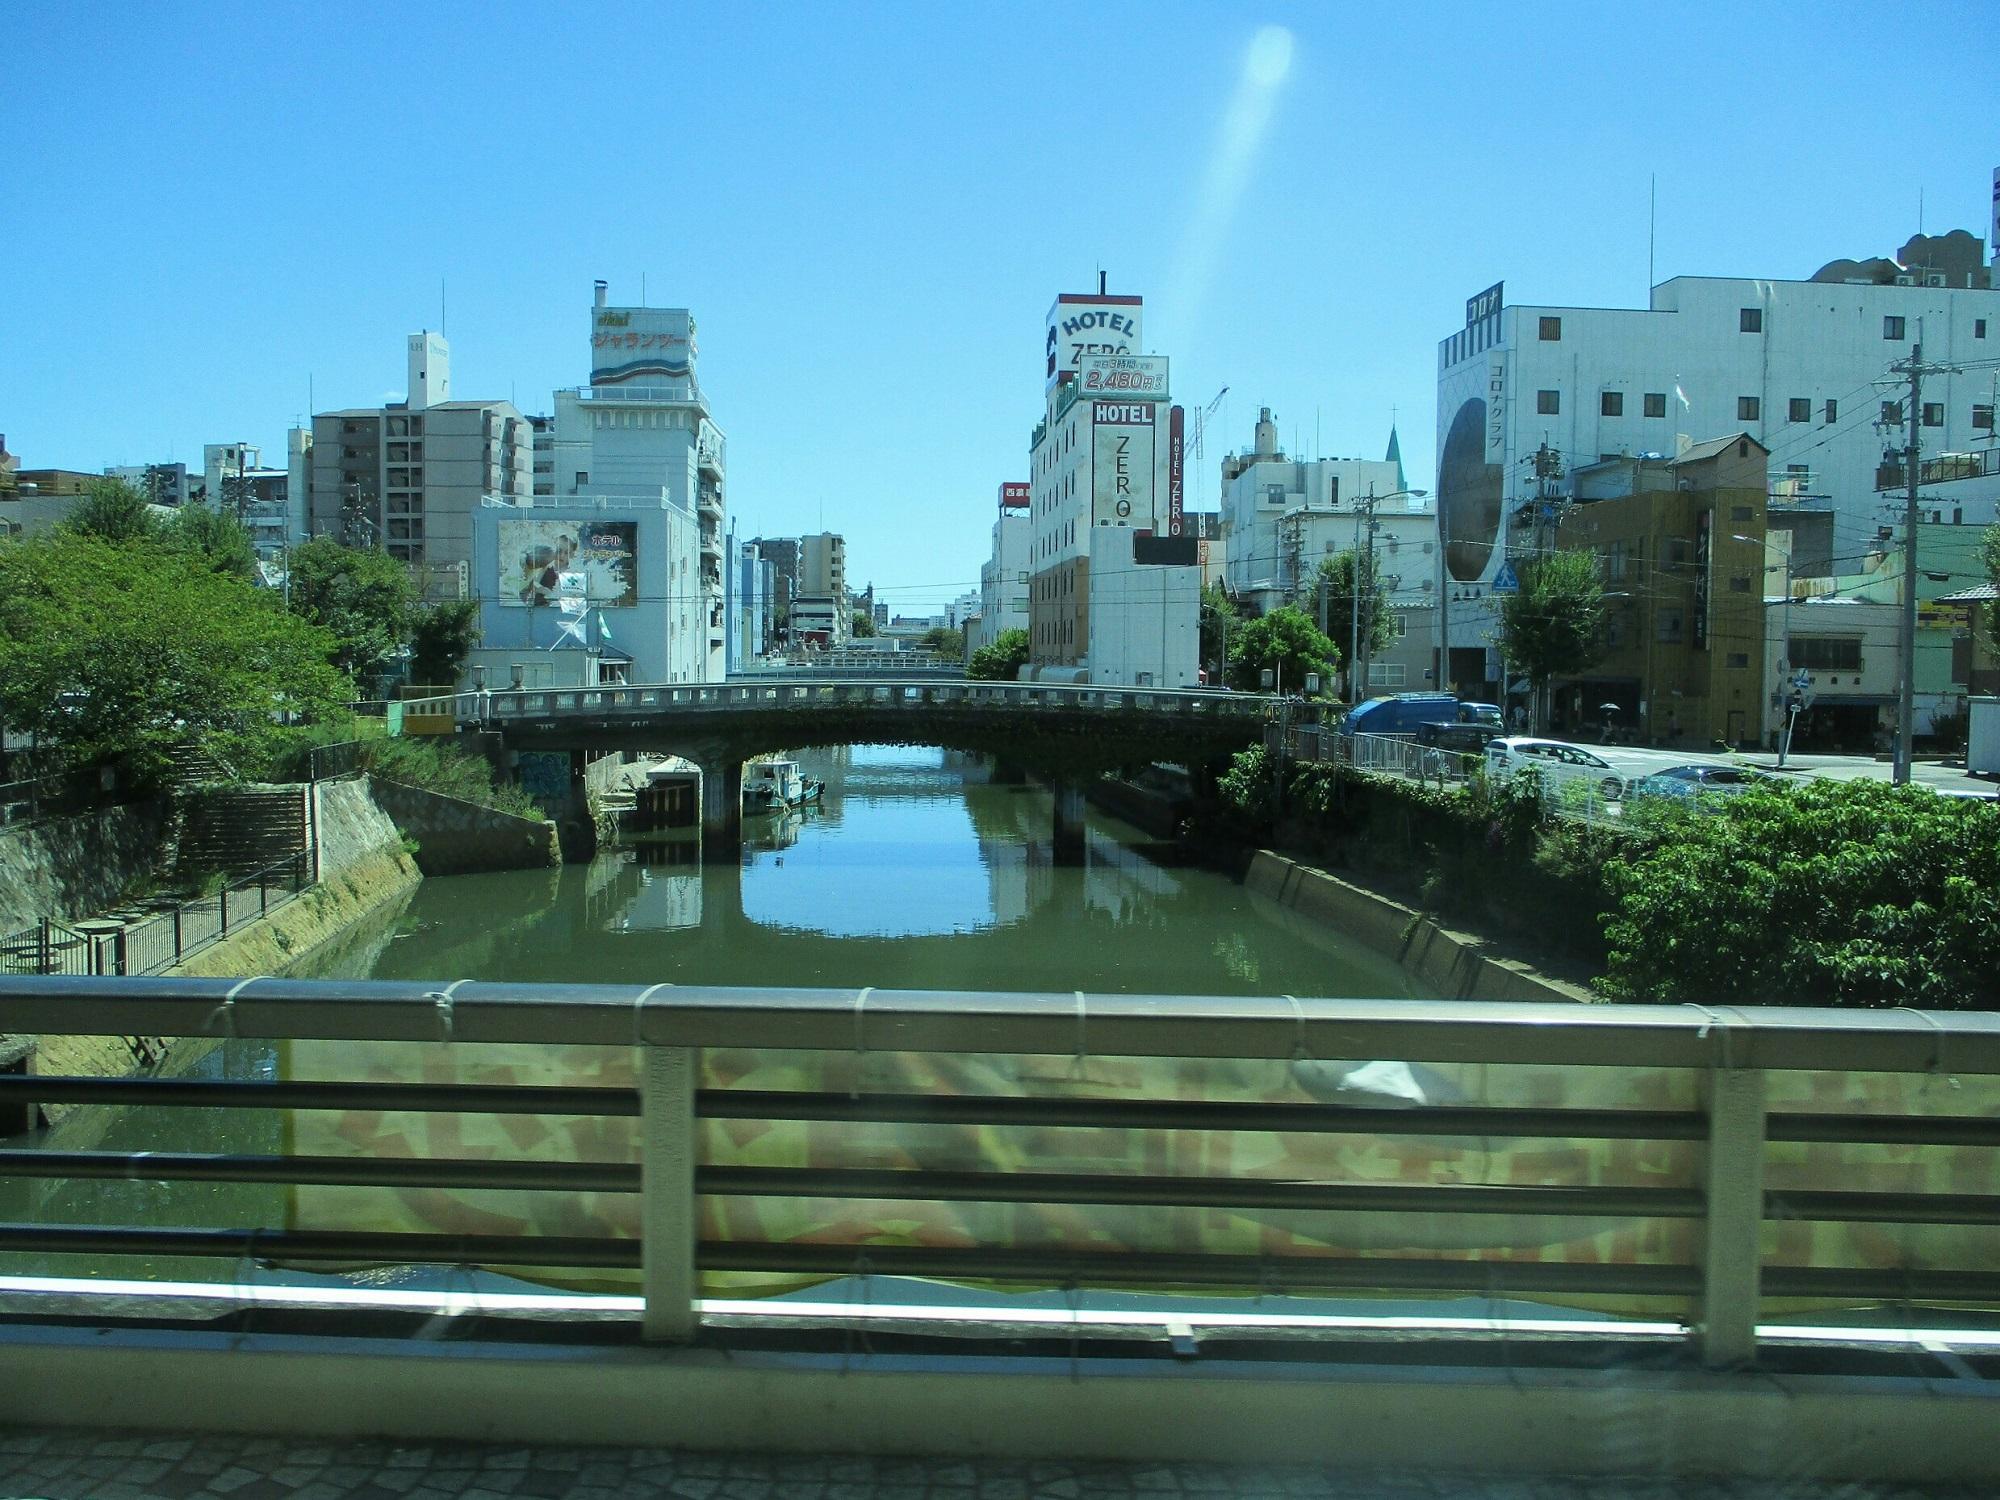 2018.8.22 (8) 名鉄バスセンターいきバス - 堀川をわたる 2000-1500